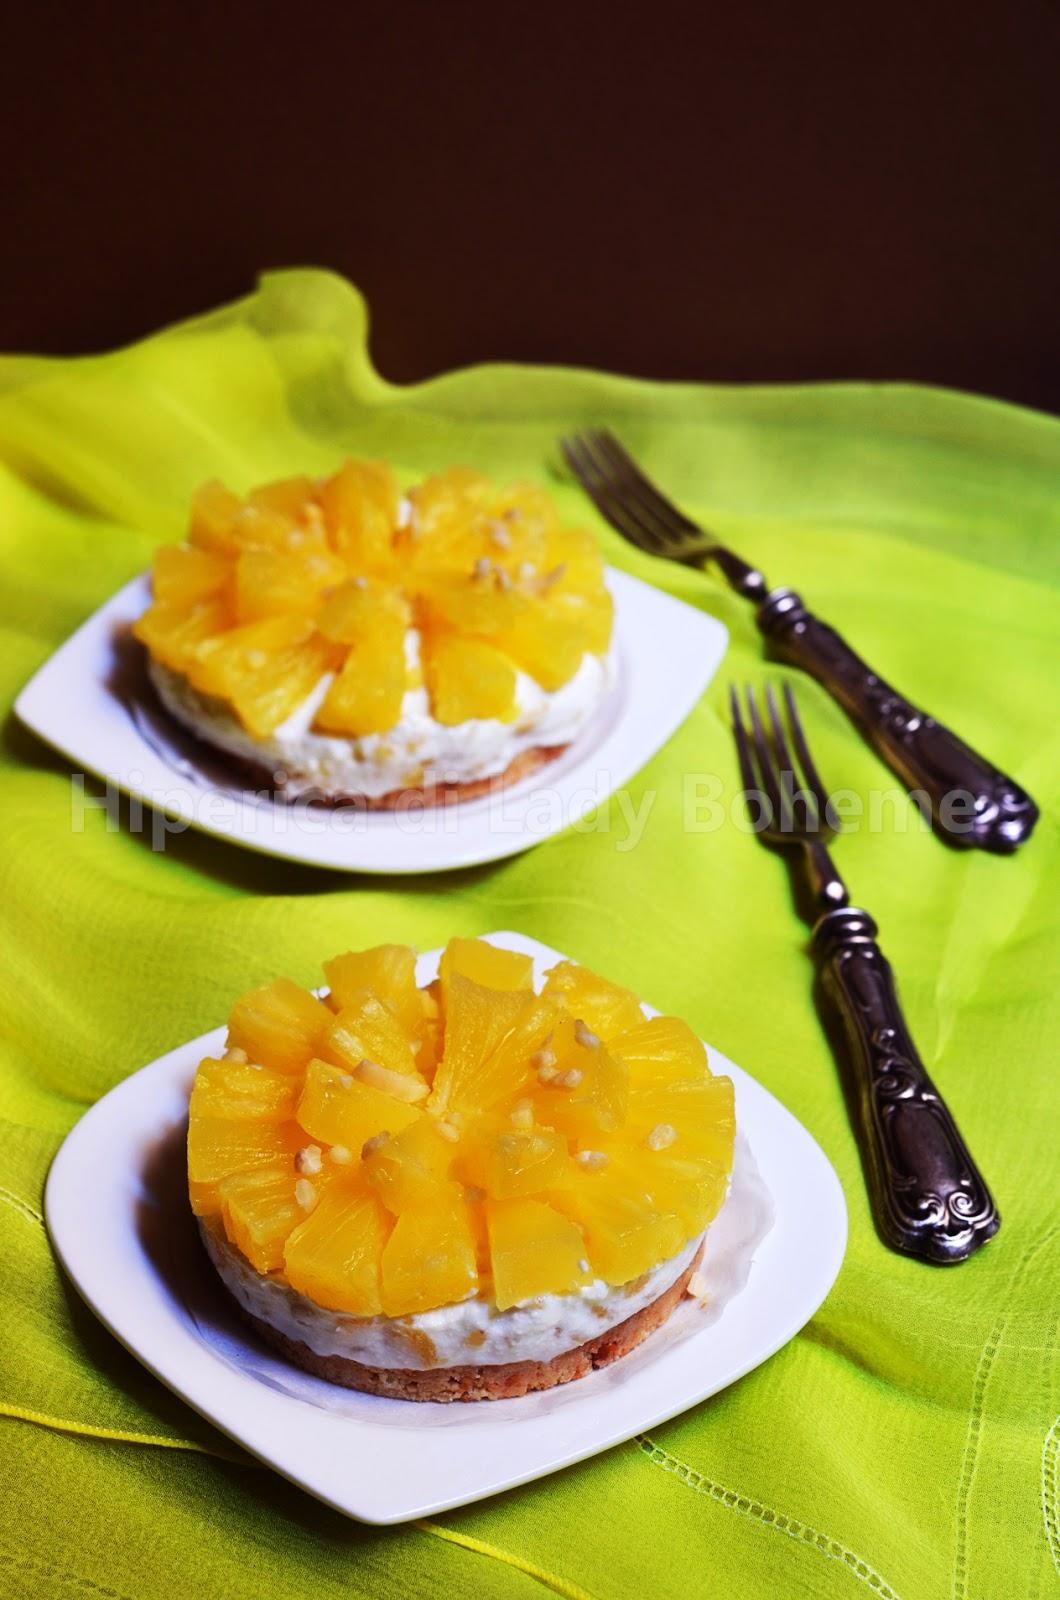 hiperica_lady_boheme_blog_cucina_ricette_gustose_facili_veloci_mini_cheesecake_senza_cottura_alla_ricotta_e_ananas_1